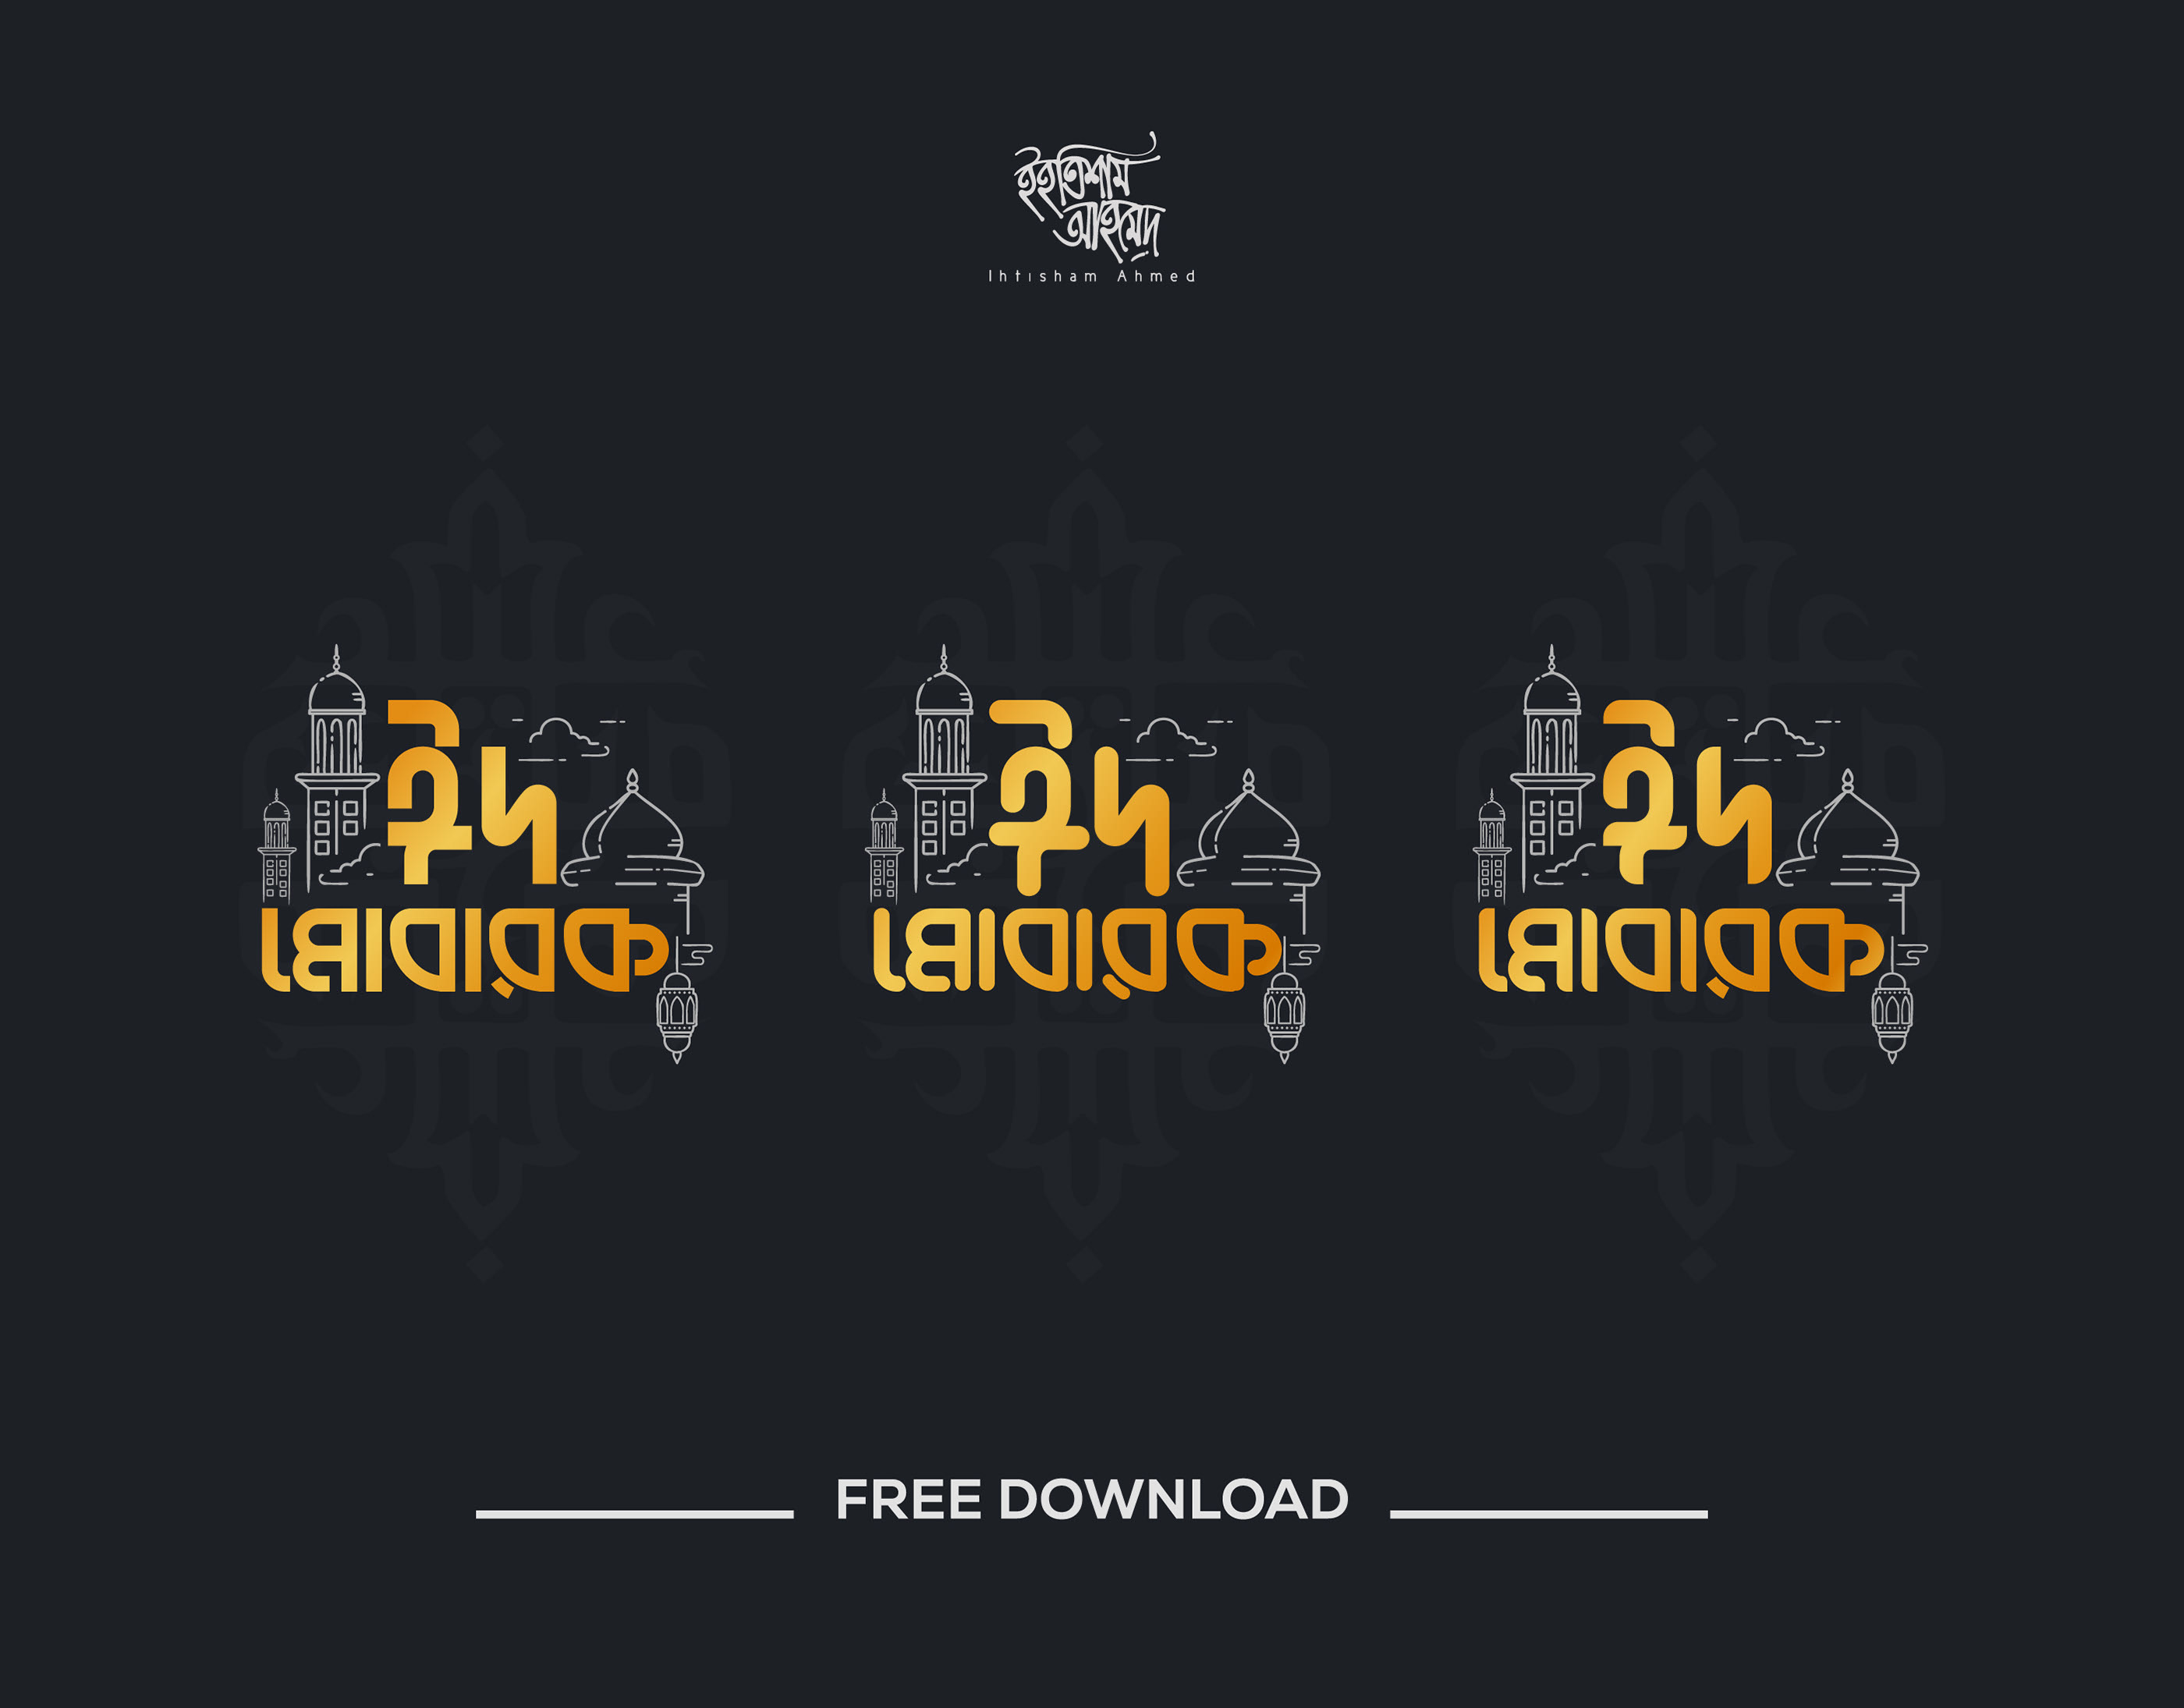 Bangla Eid Mubarak Typography Free Download On Behance